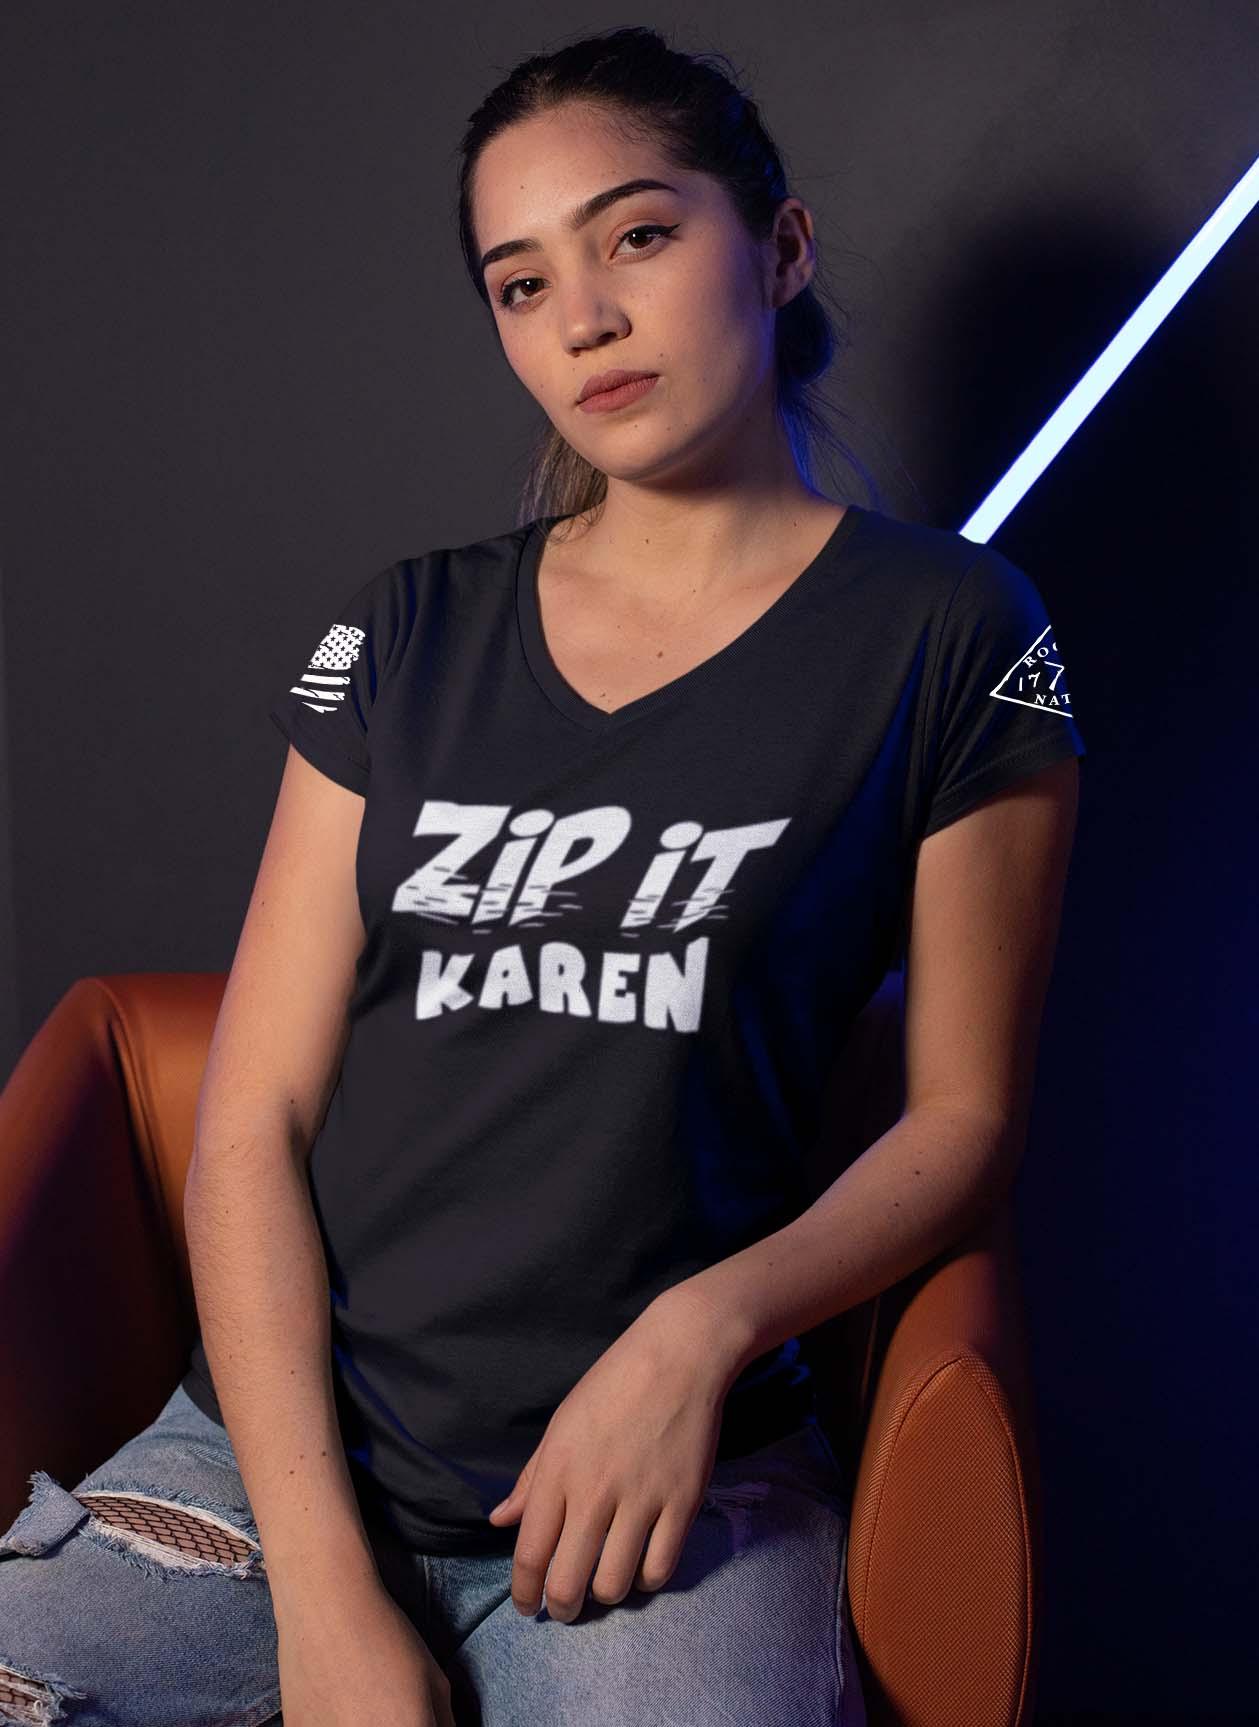 Zip It Karen in a Black Women's V-Neck